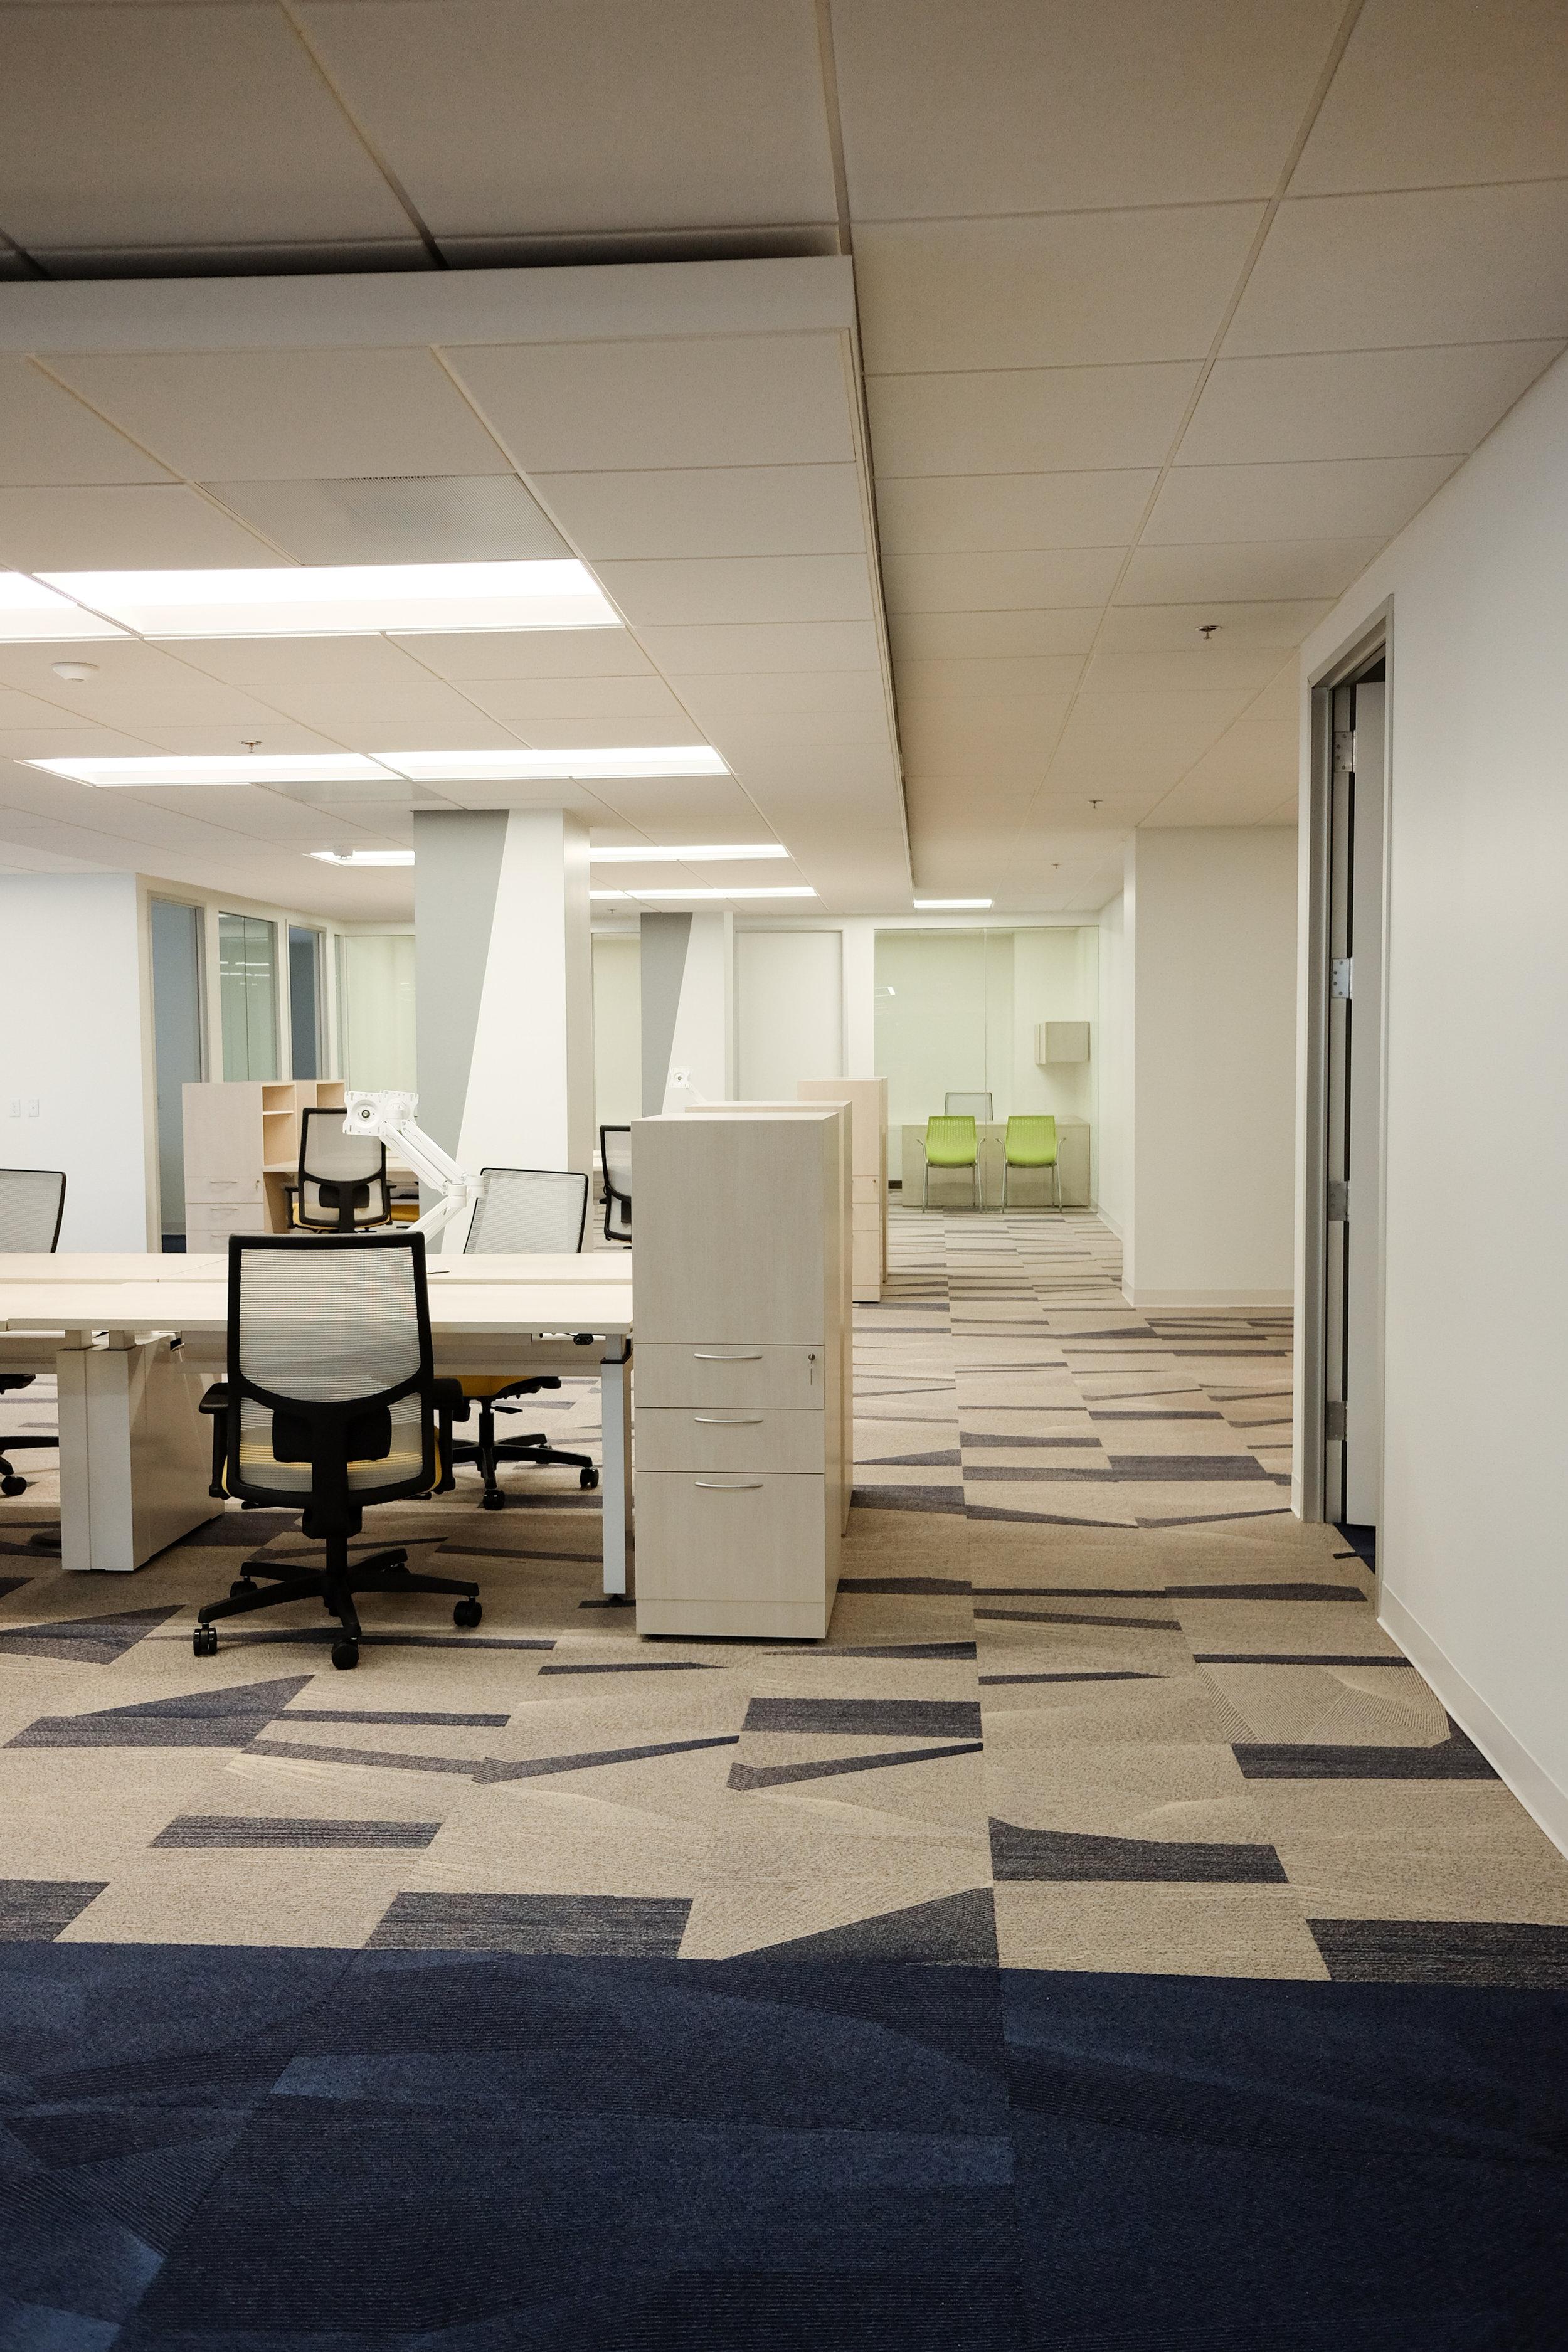 MHPA-OFFICE-INTERIOR-DESIGN-3.jpg